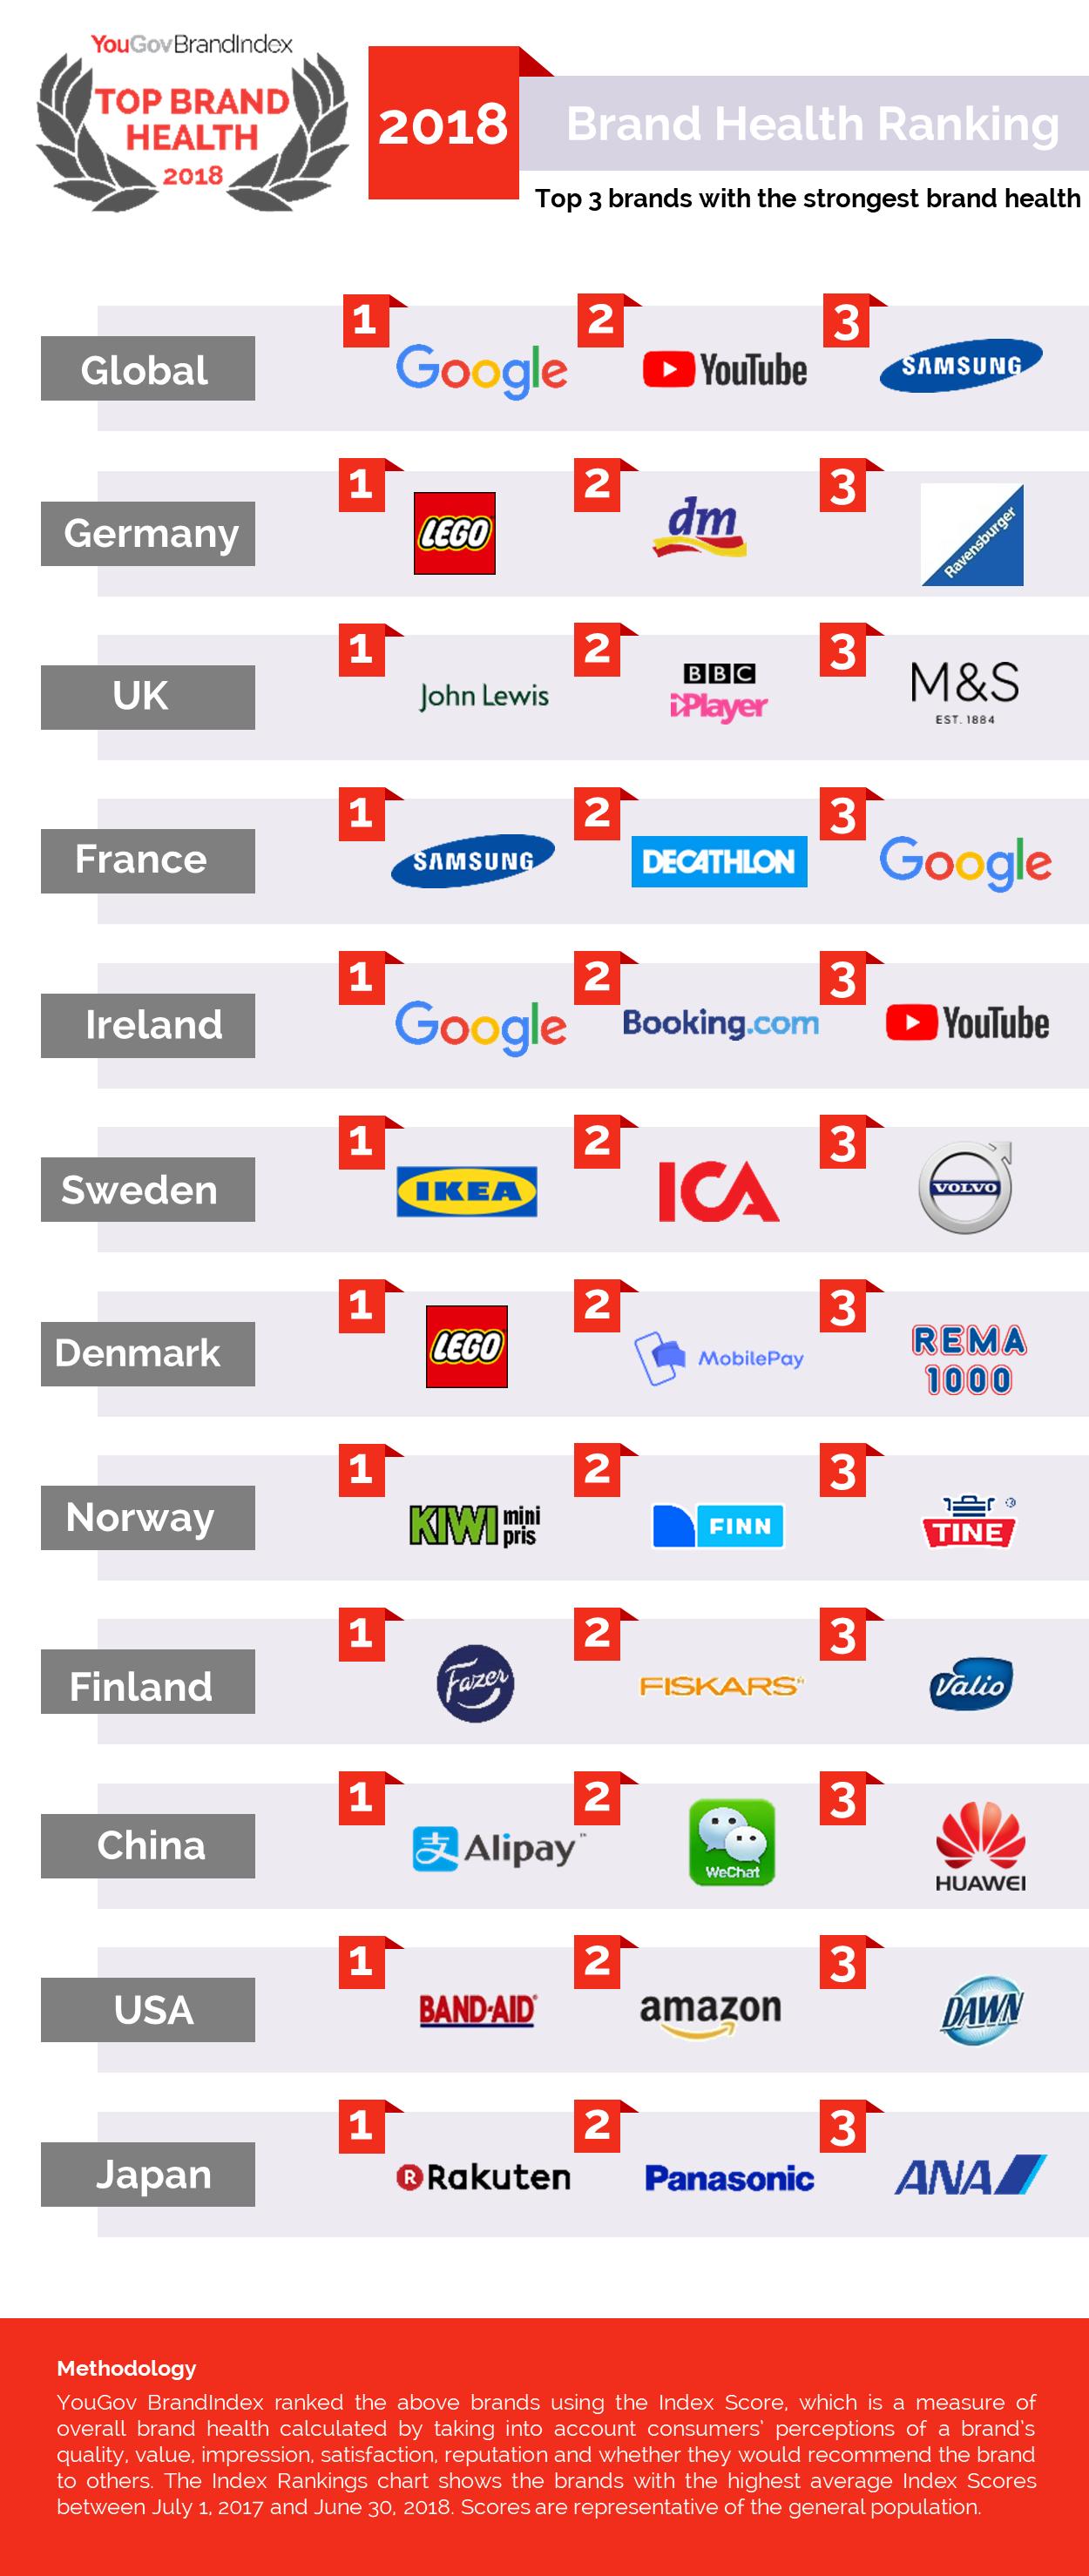 Detalle de las 3 mejores marcas clasificadas en algunos de los 26 países analizados